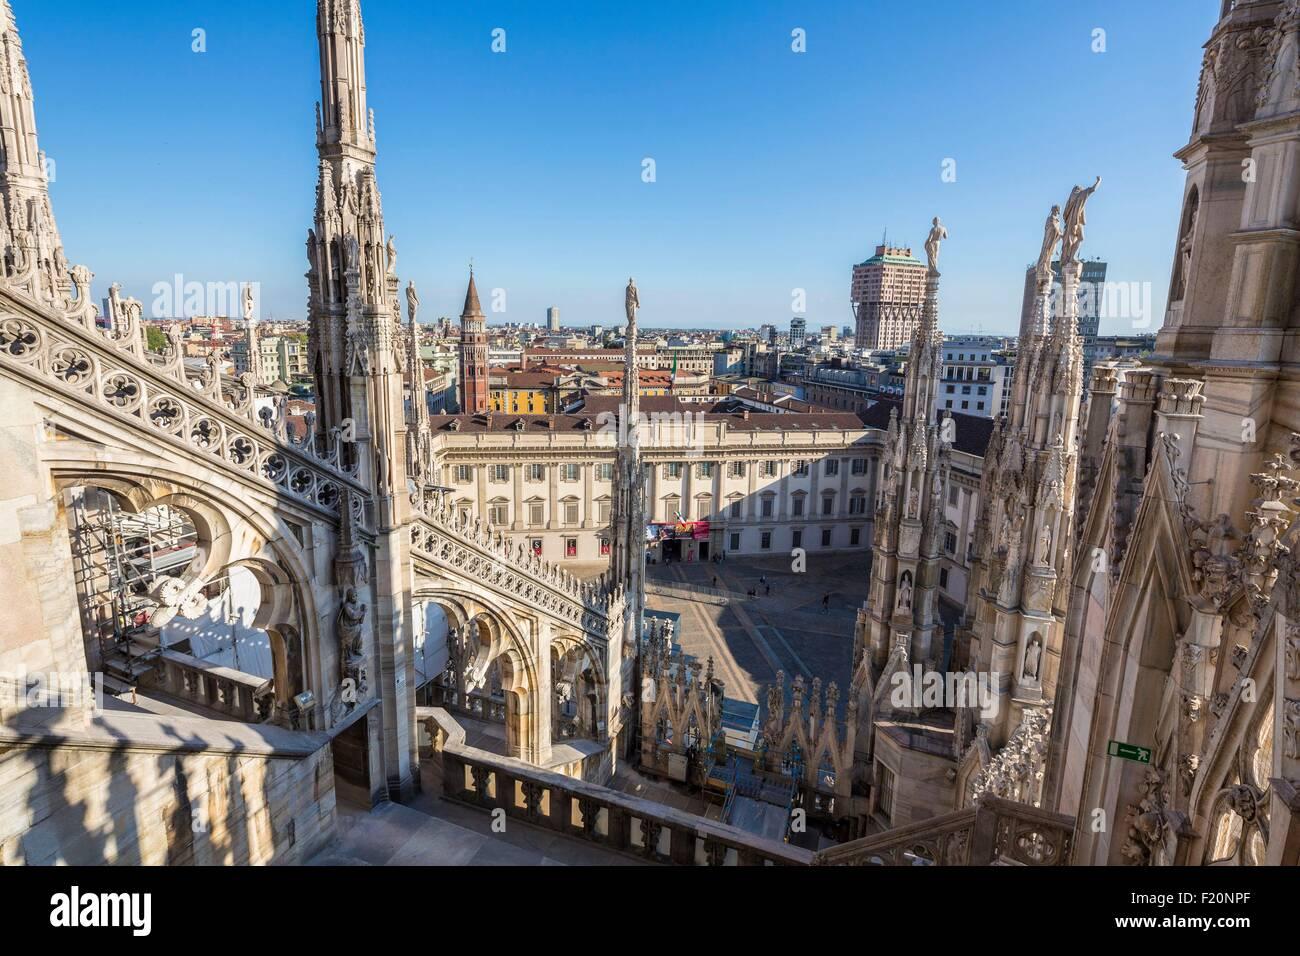 L'Italia, Lombardia, Milano, le frecce e le statue del Duomo visto dal terrazzo situato sul tetto della cattedrale Immagini Stock